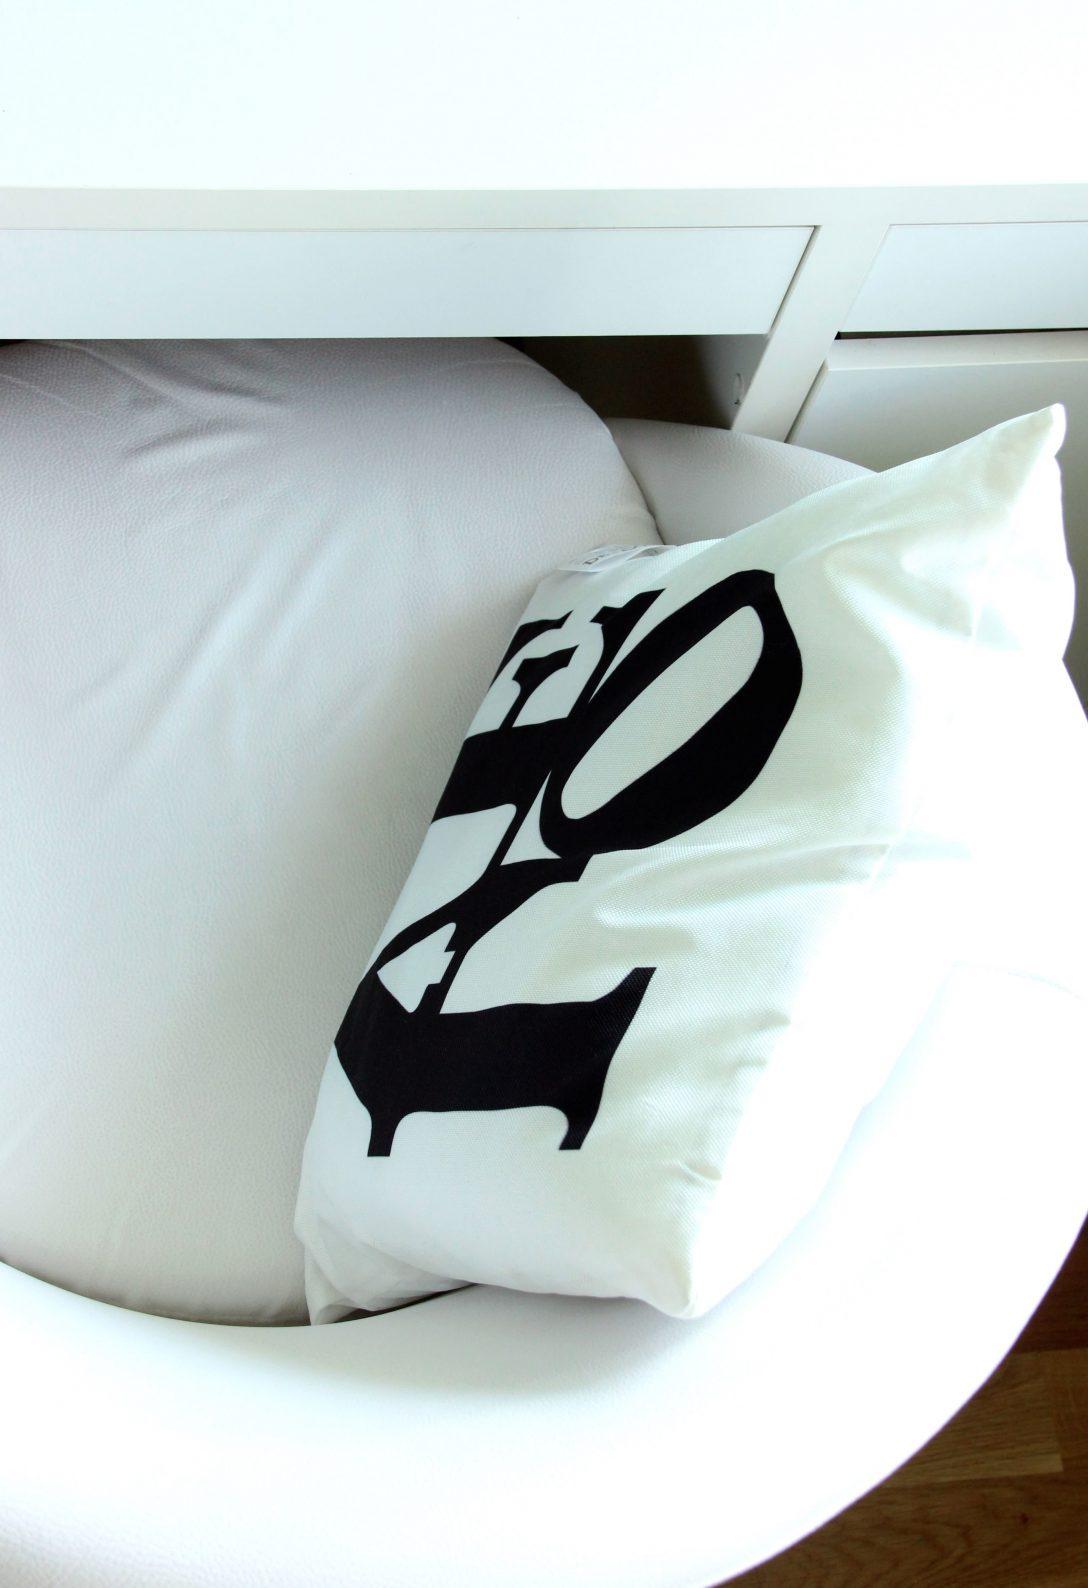 Large Size of Sessel Schlafzimmer Kostenlose Bild Luxus Landhausstil Weiß Wandtattoo Komplettes Komplett Günstig Set Mit Matratze Und Lattenrost Deckenleuchten Schlafzimmer Sessel Schlafzimmer